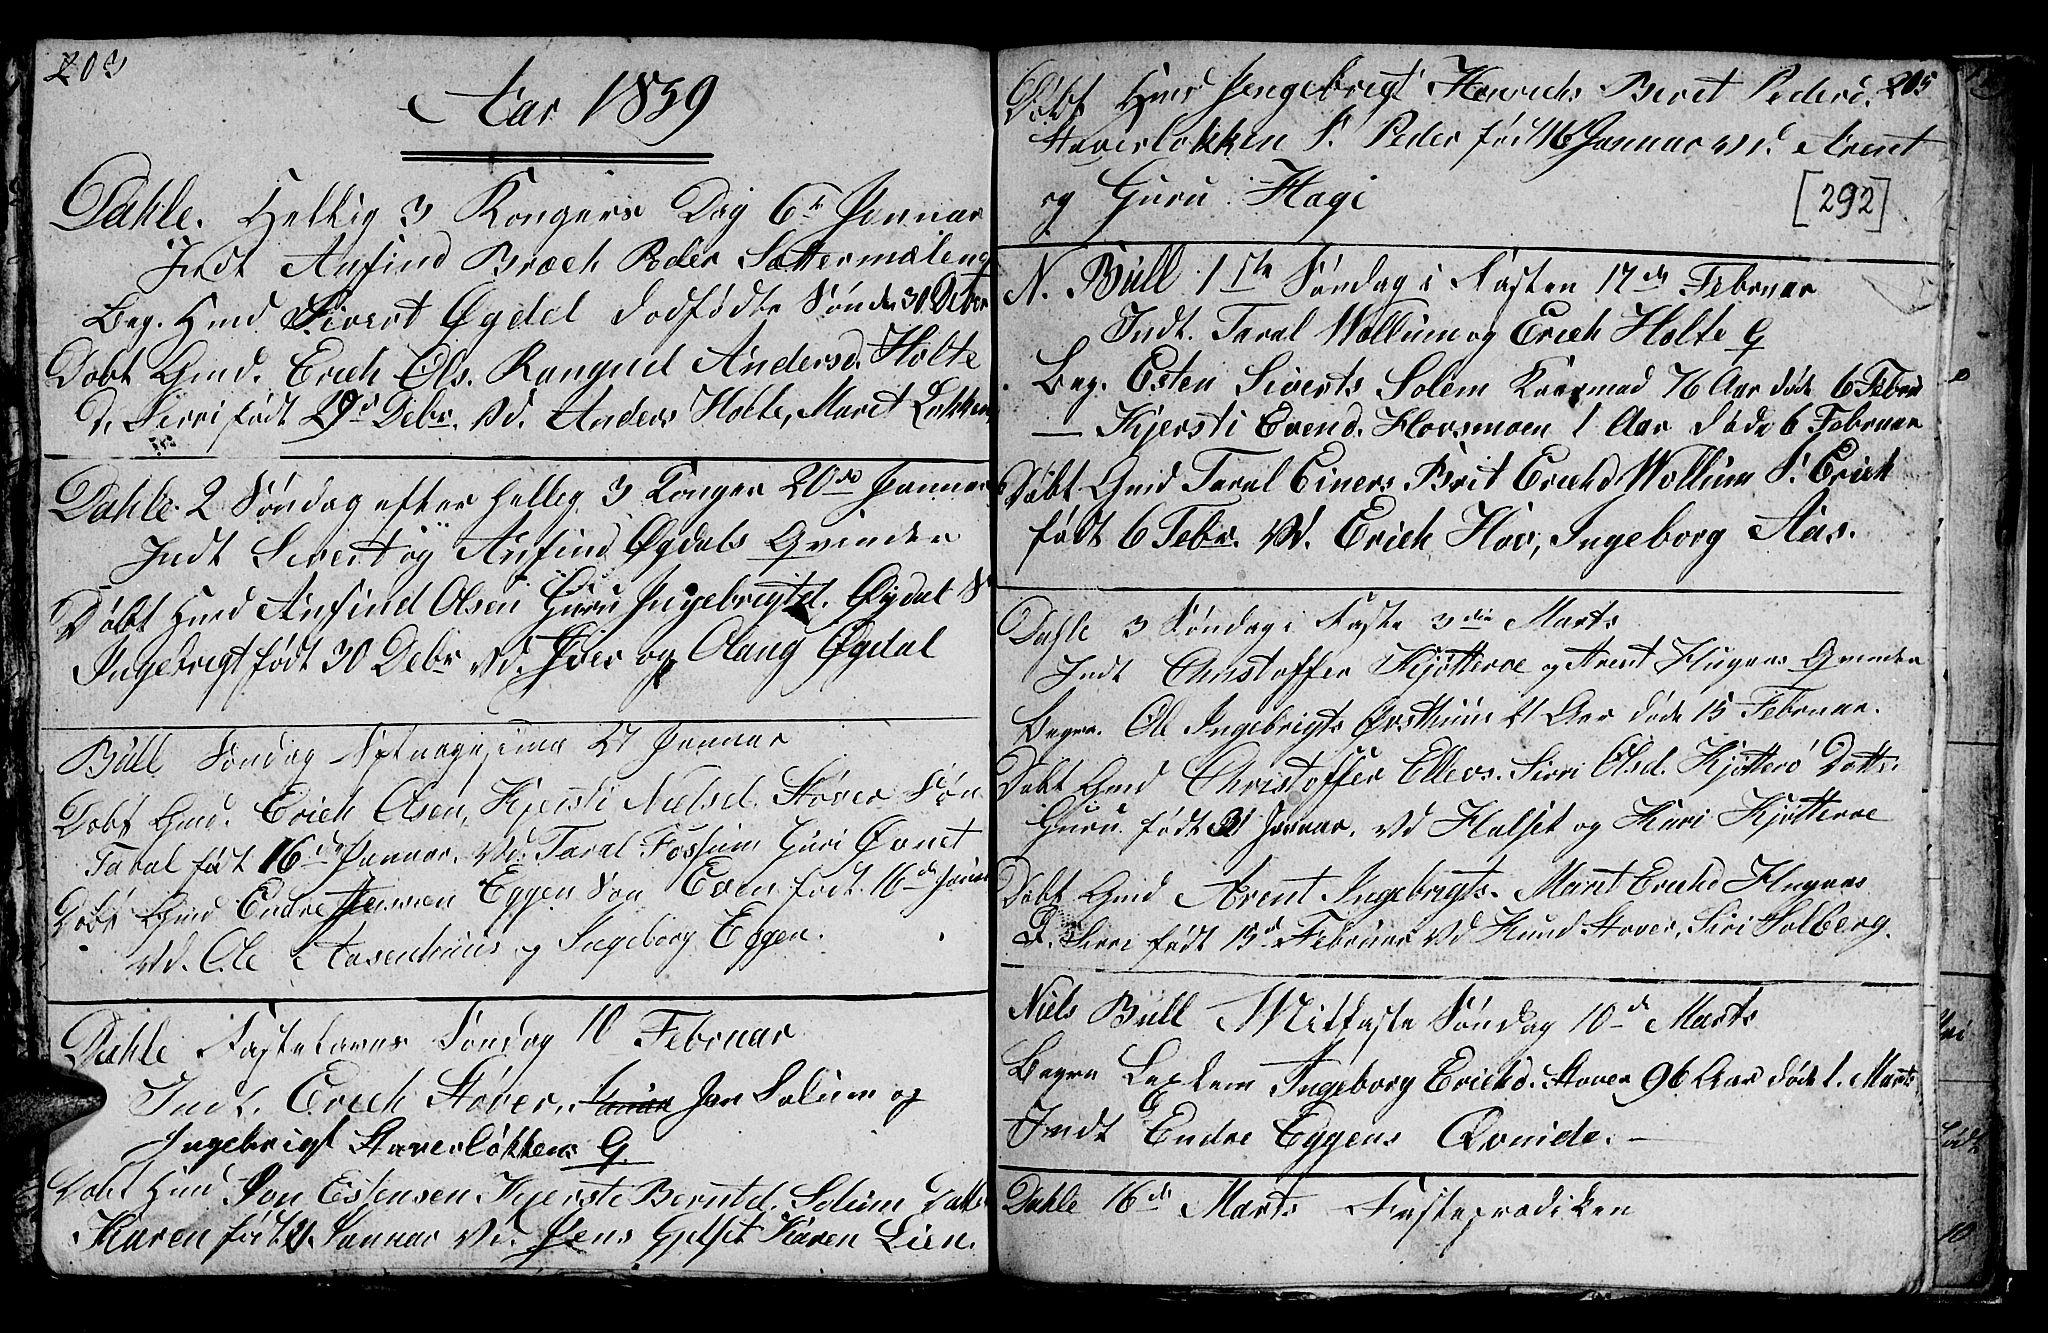 SAT, Ministerialprotokoller, klokkerbøker og fødselsregistre - Sør-Trøndelag, 689/L1042: Klokkerbok nr. 689C01, 1812-1841, s. 291-292